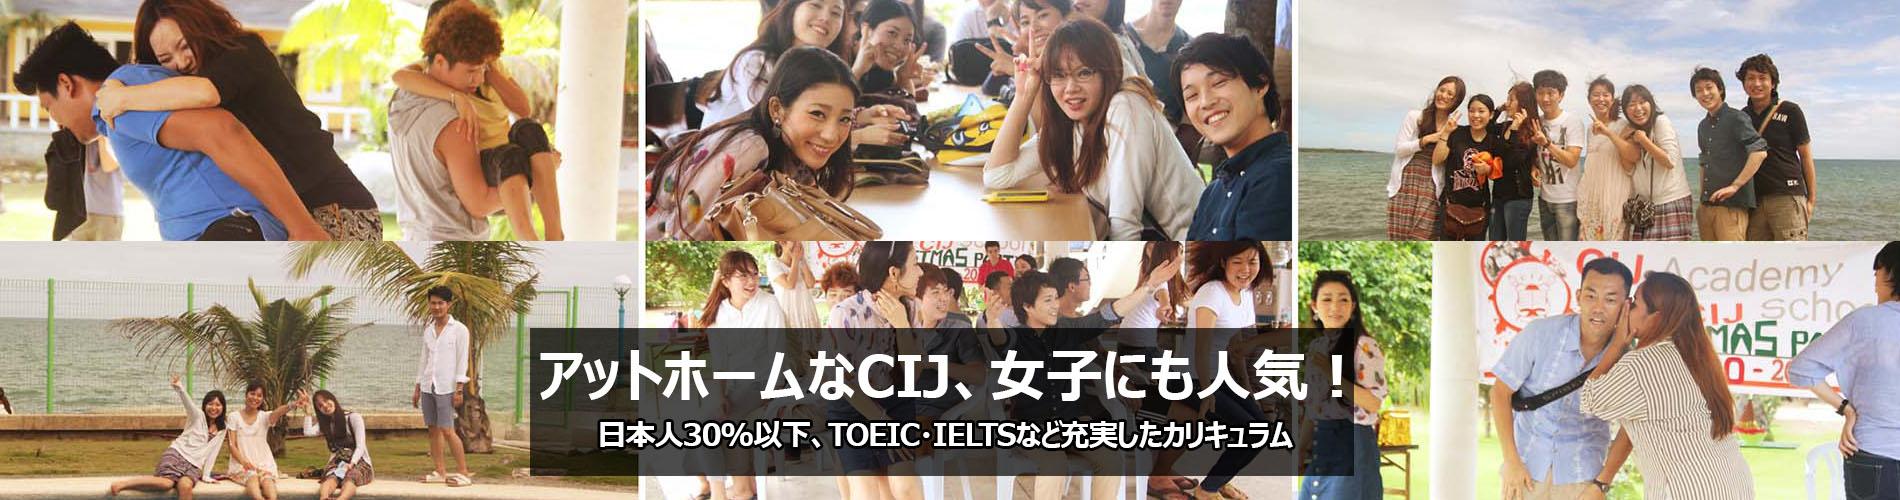 CEBU CIJ English School